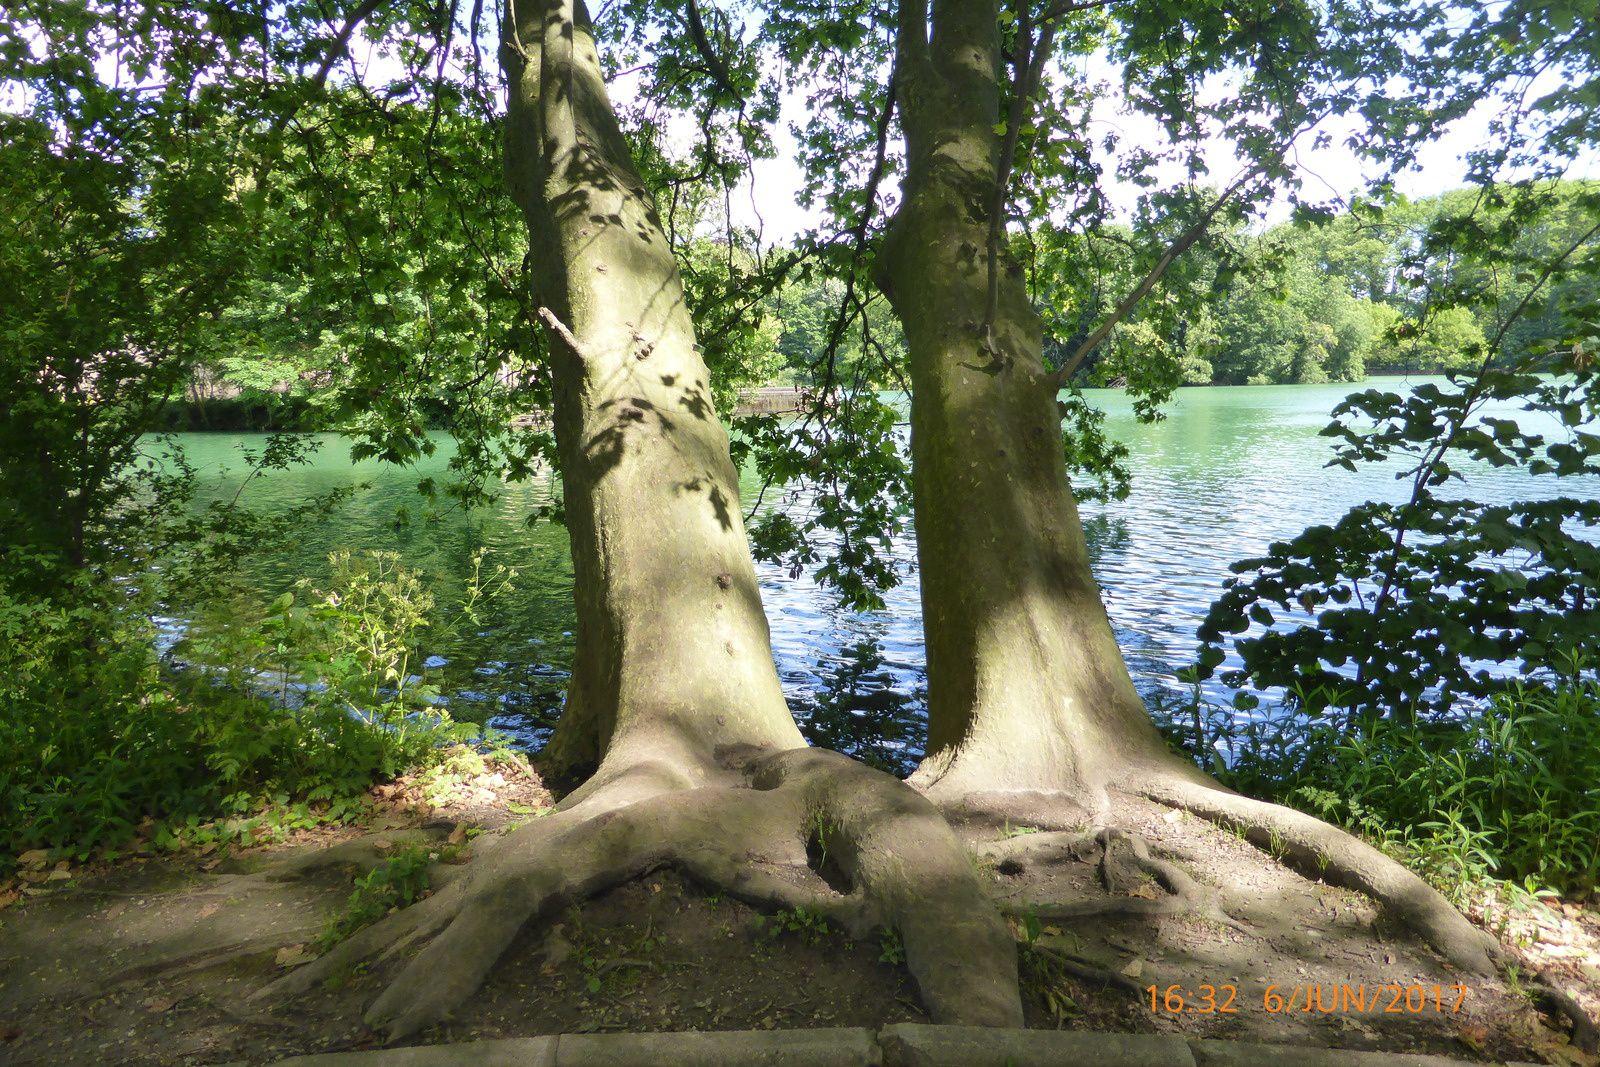 Su les rives du lac - Parc de la Tête d'or - Lyon